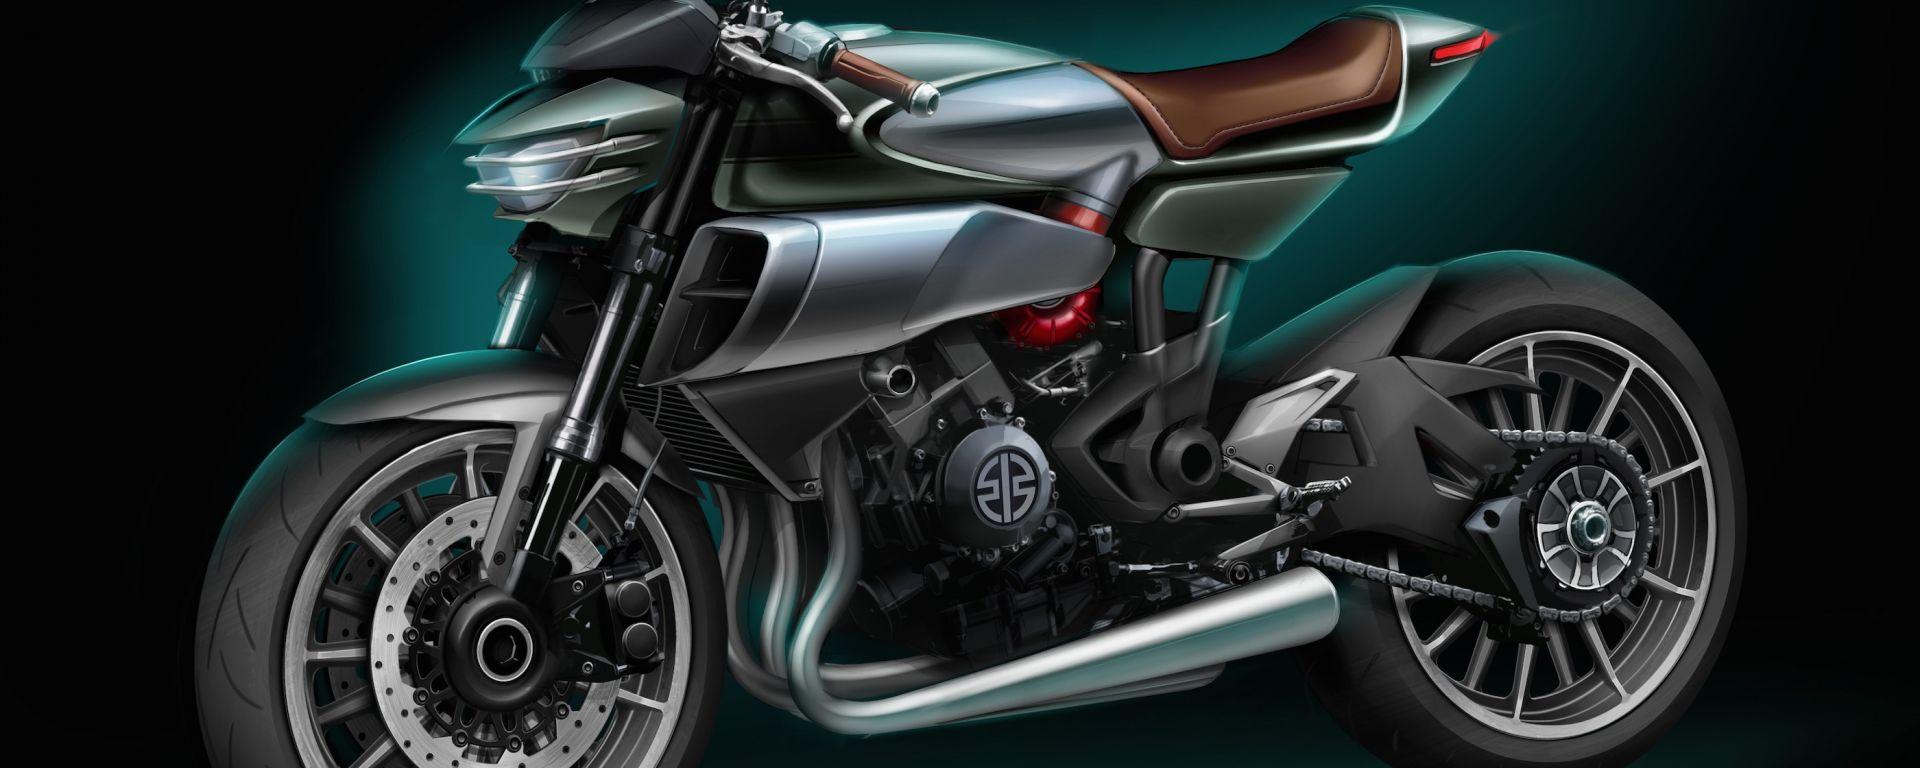 Kawasaki Soul Charger